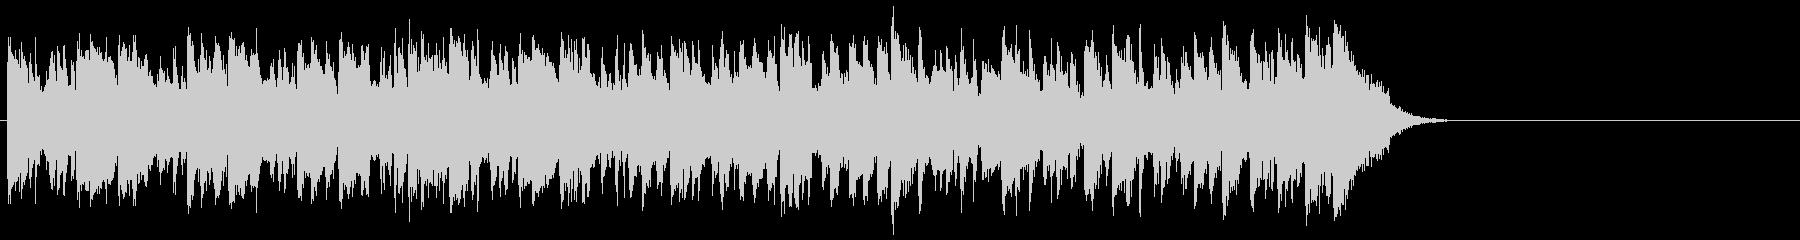 リゾート風なフュージョン(サビ~エンド)の未再生の波形